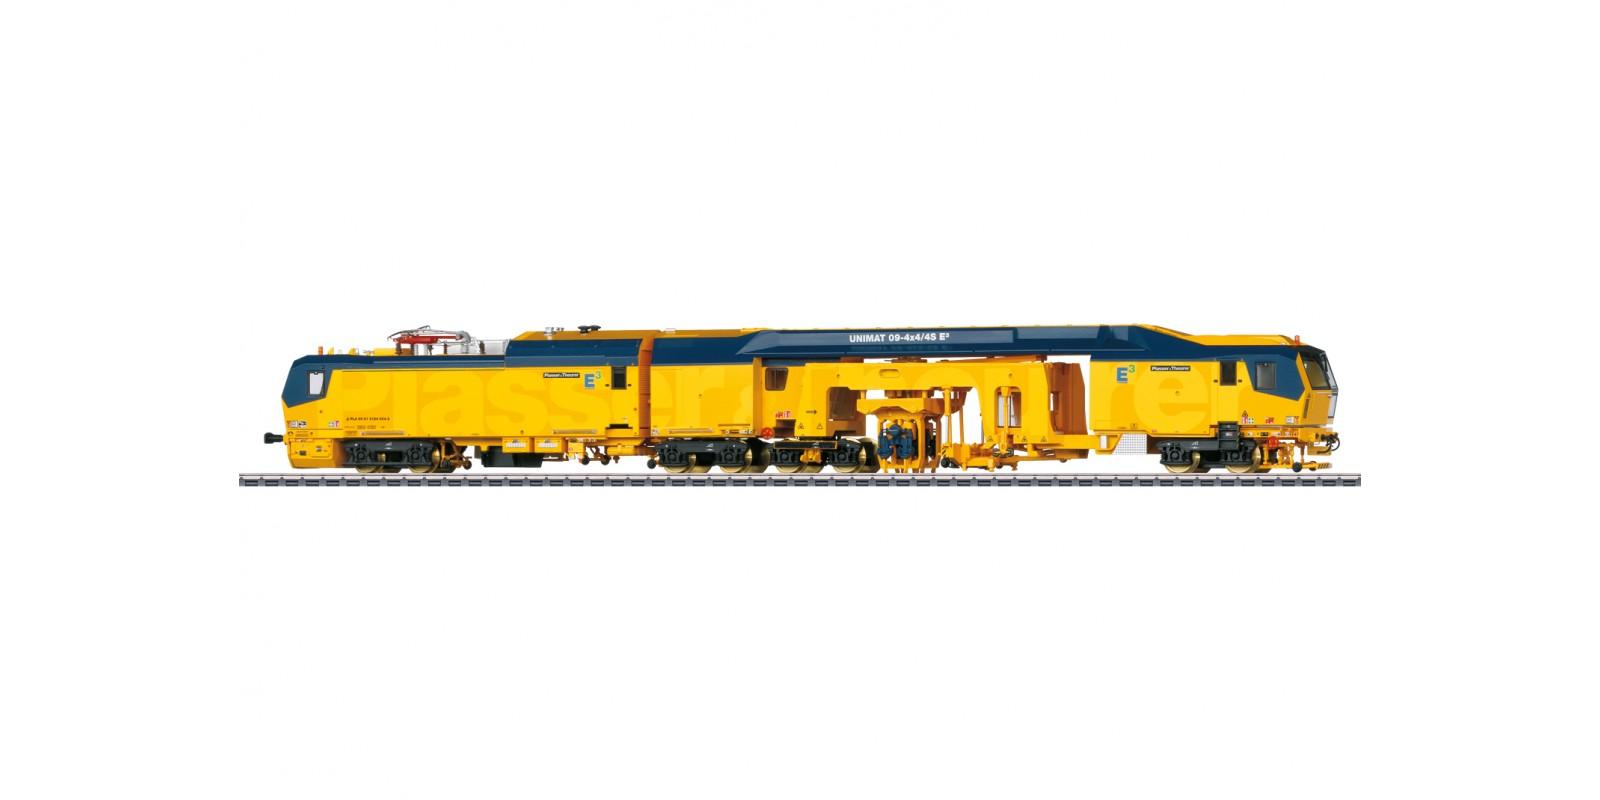 39935 Unimat Ballast Tamping Machin